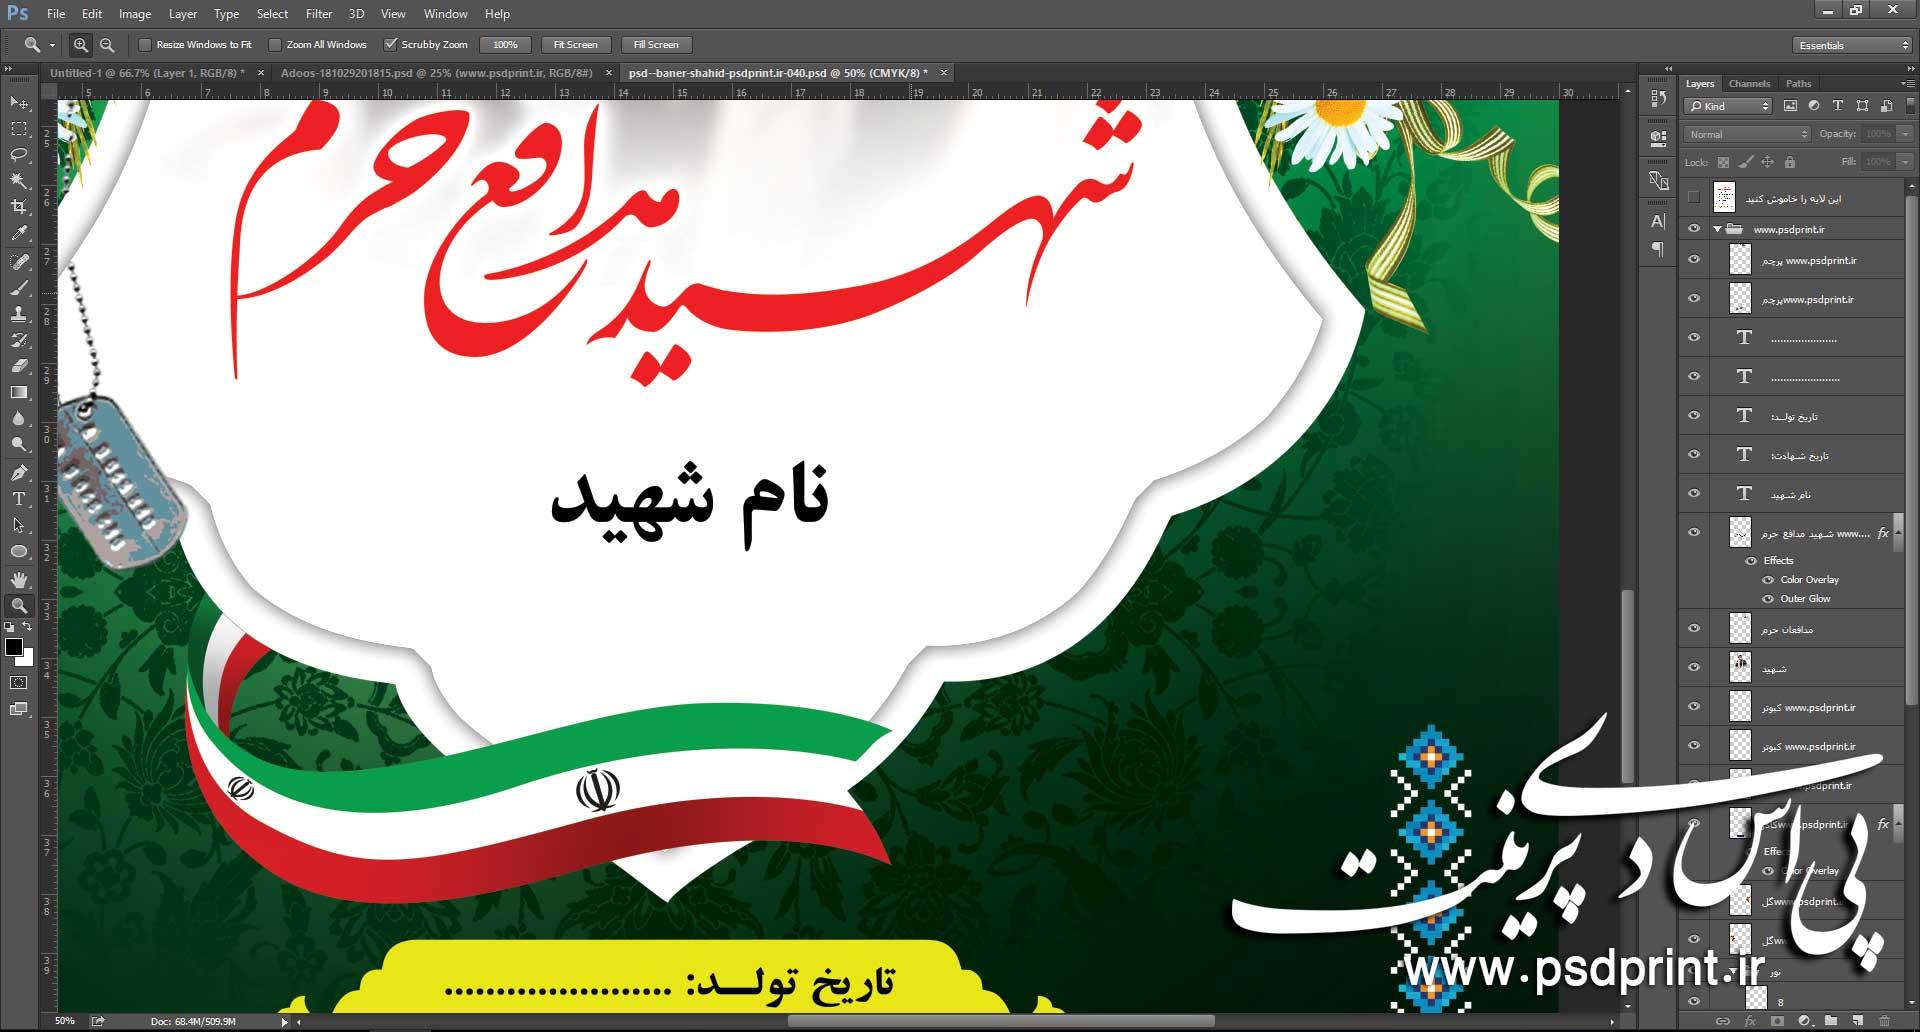 بنر شهید مدافع حرم